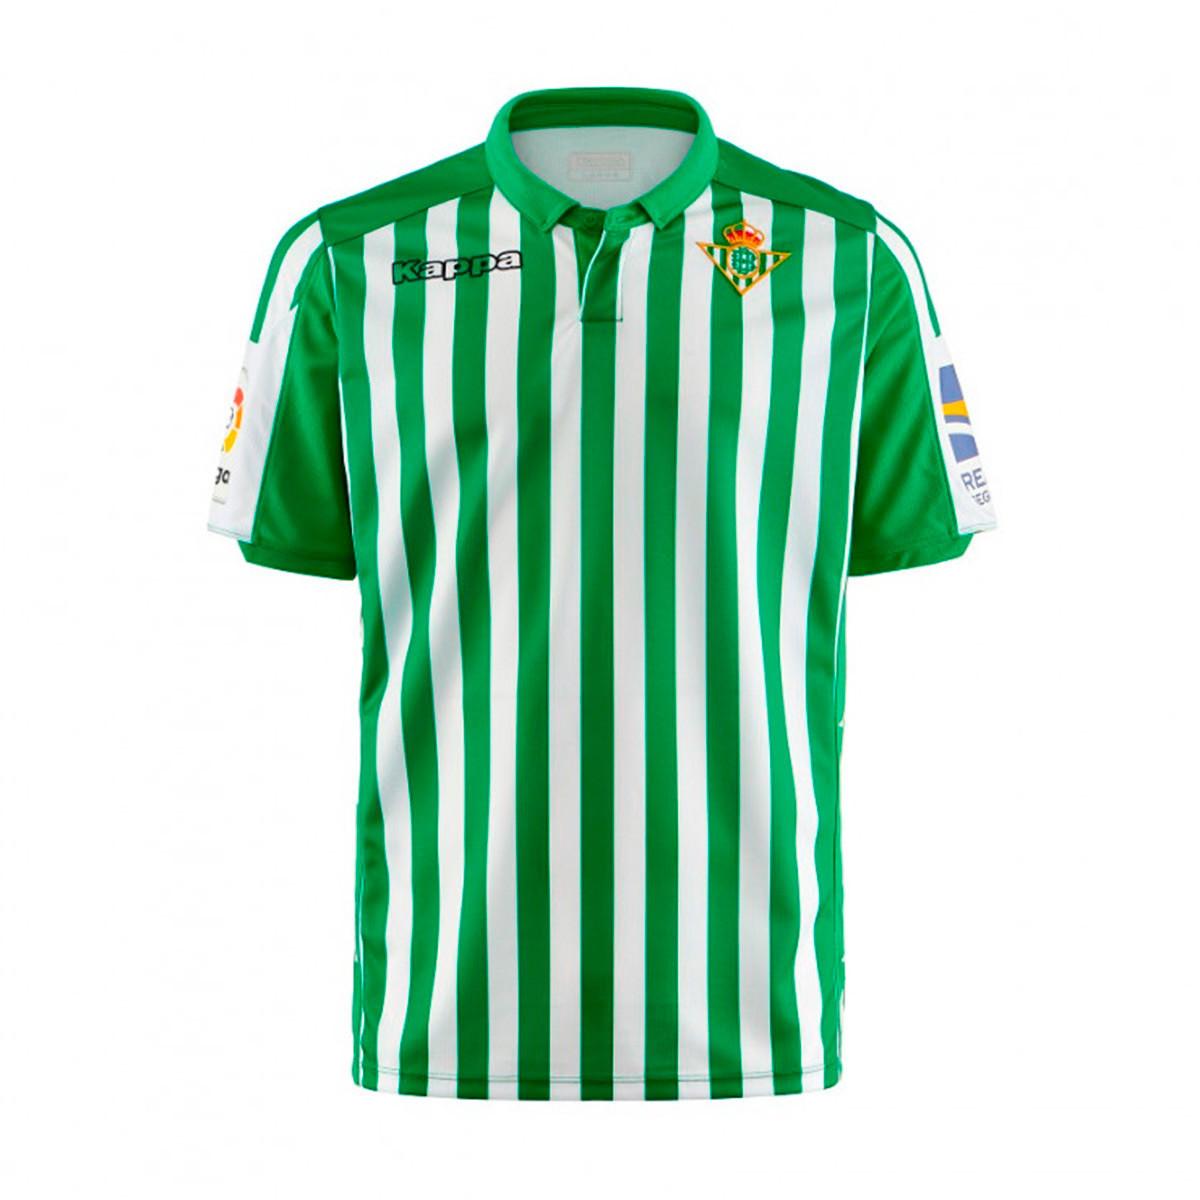 2019 Camiseta Verde Betis Balompié 2020 Niño Equipación Primera Real Blanco vN0wyn8mO